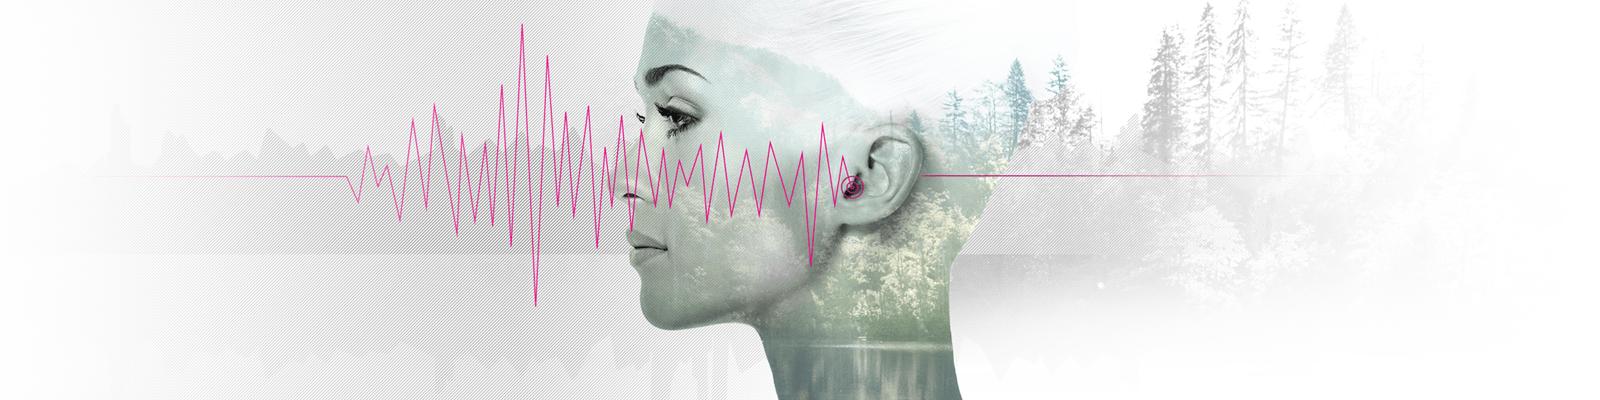 Tinnitus Slider Hintergrund